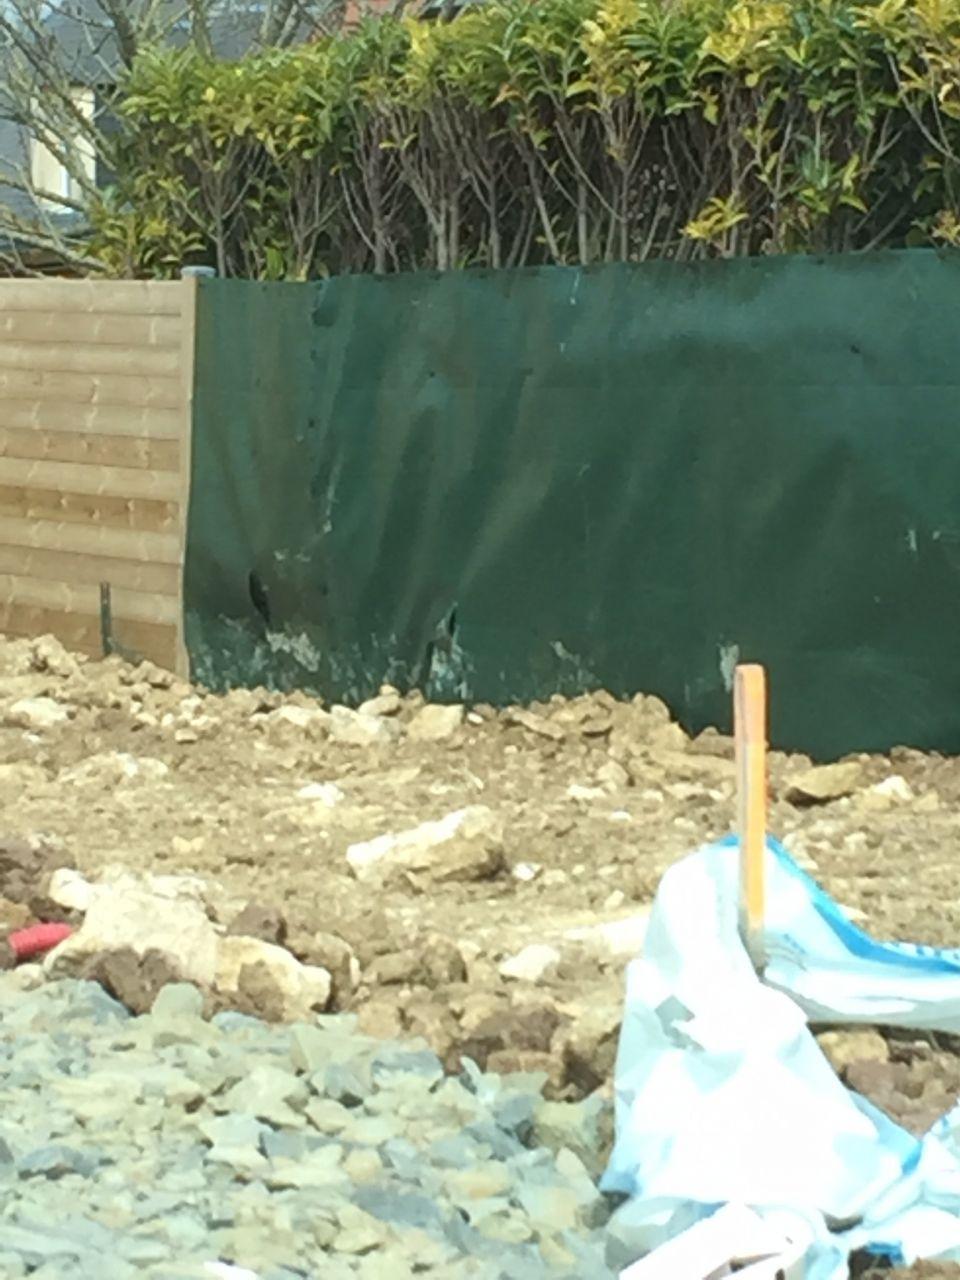 plastique de la haie du voisin un peu arraché... <br />  <br /> J?espère que le terrassier va voir cela avec le voisin.